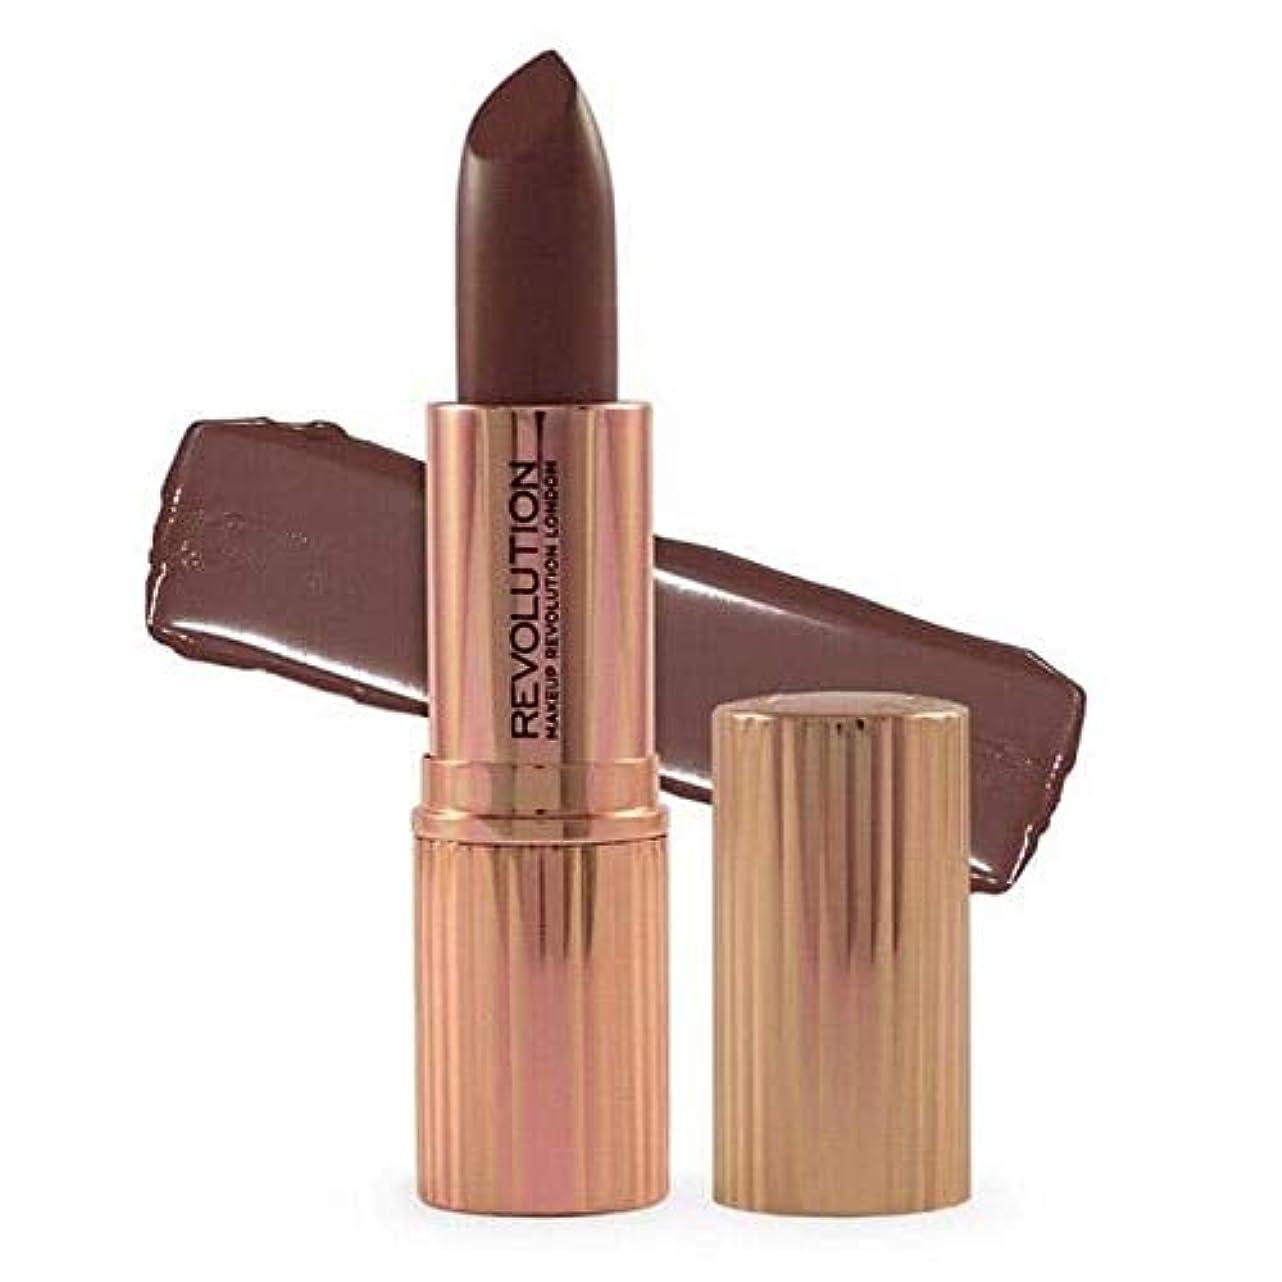 とまり木浸す見える[Revolution ] 革命ルネサンス口紅最高級 - Revolution Renaissance Lipstick Finest [並行輸入品]